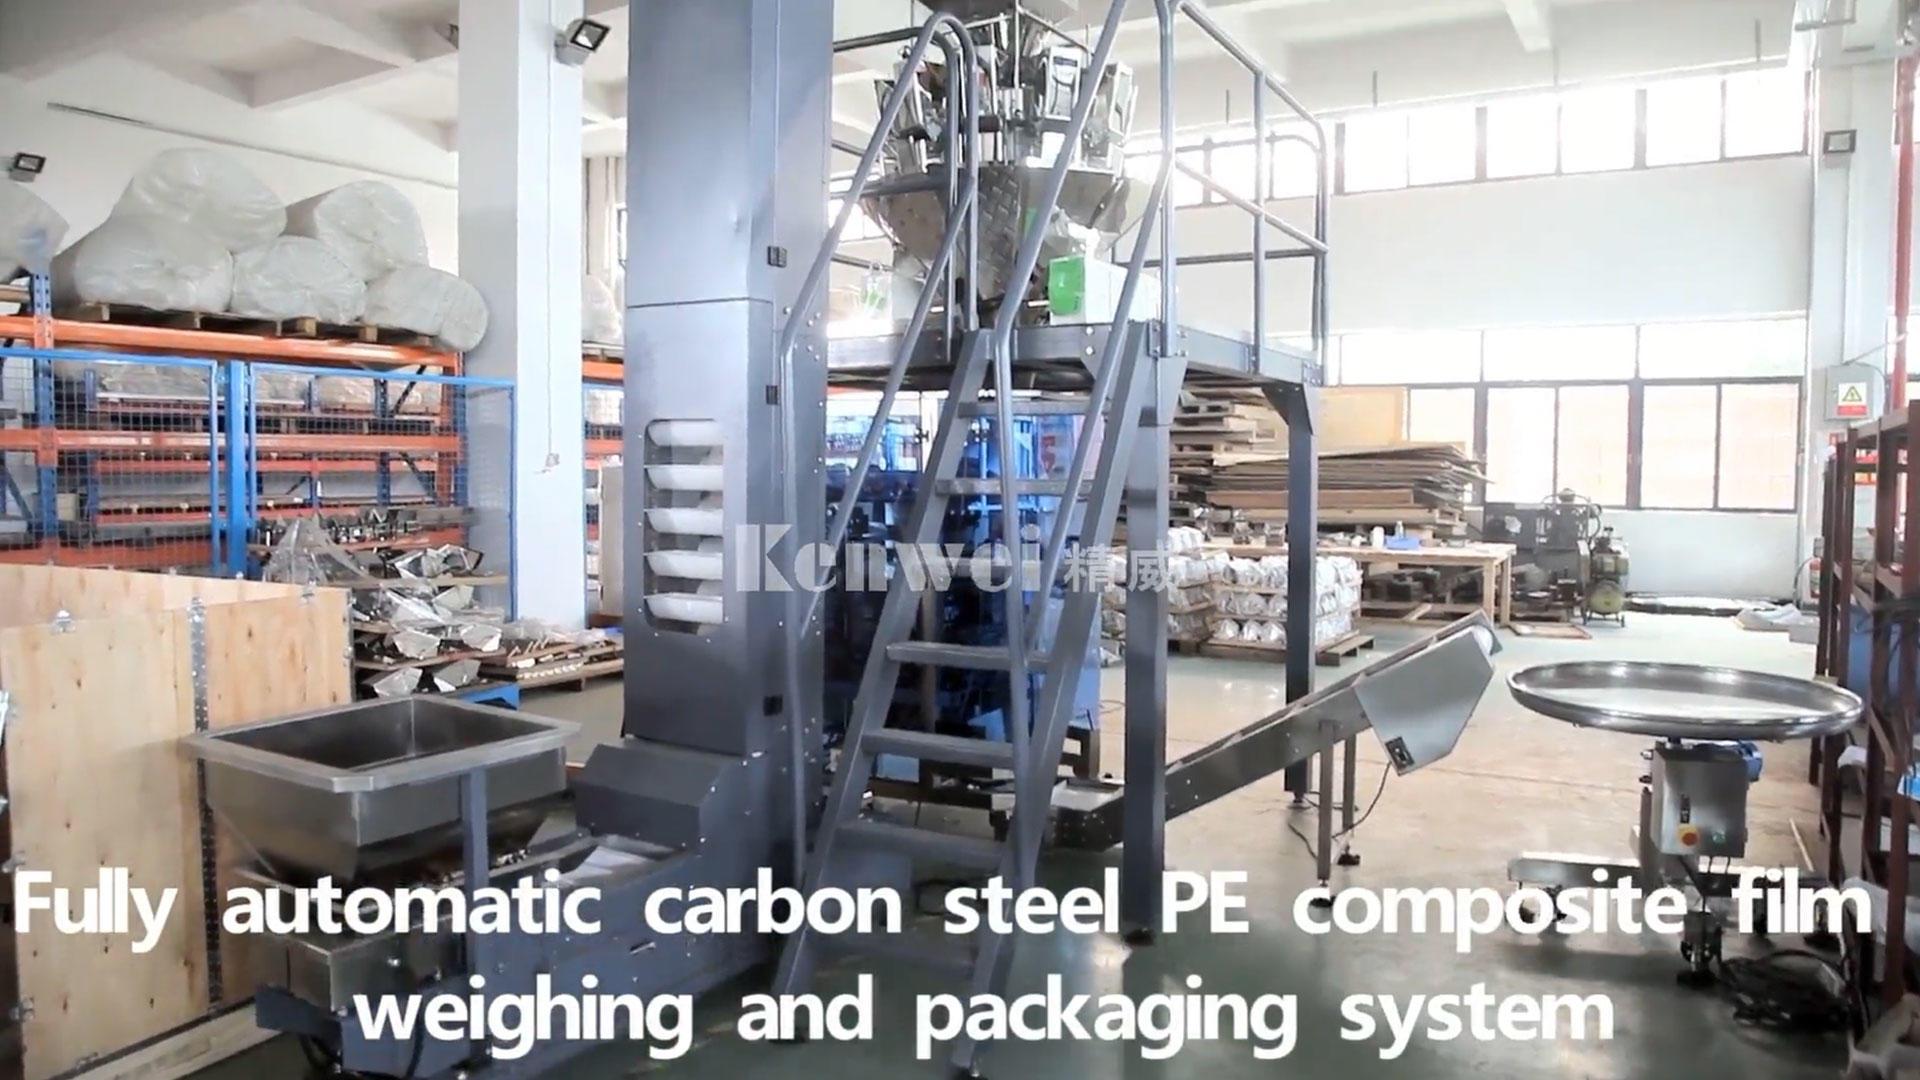 Système de pesage et package de film composite de film PE en acier au carbone automatique